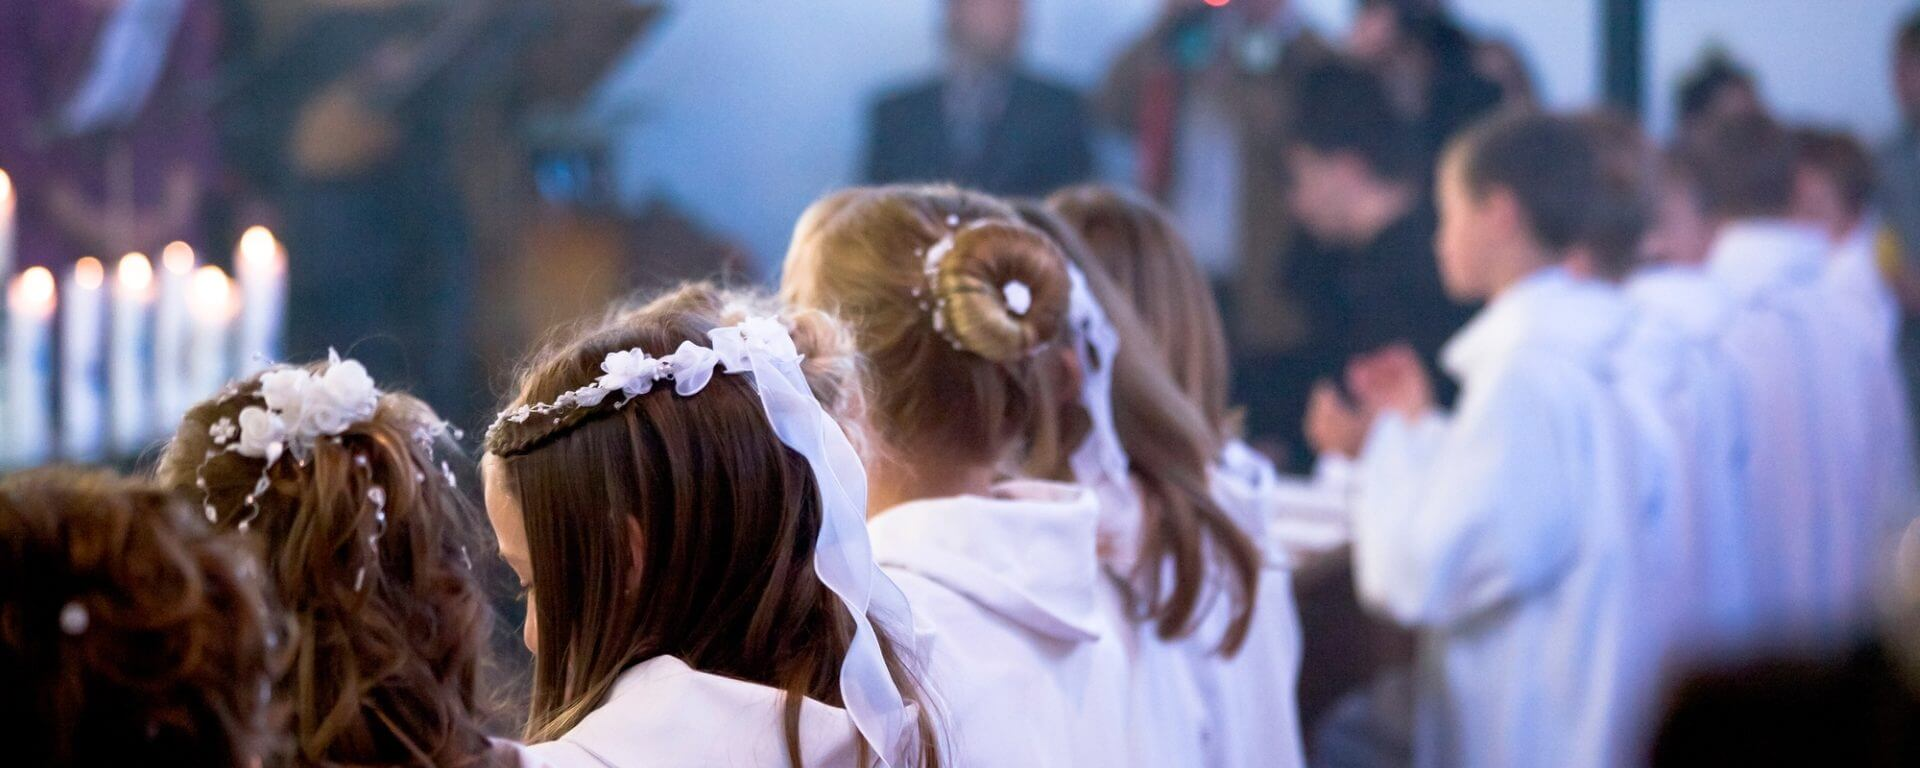 Jugendweihe ist das Fest nicht religiöser Eltern.